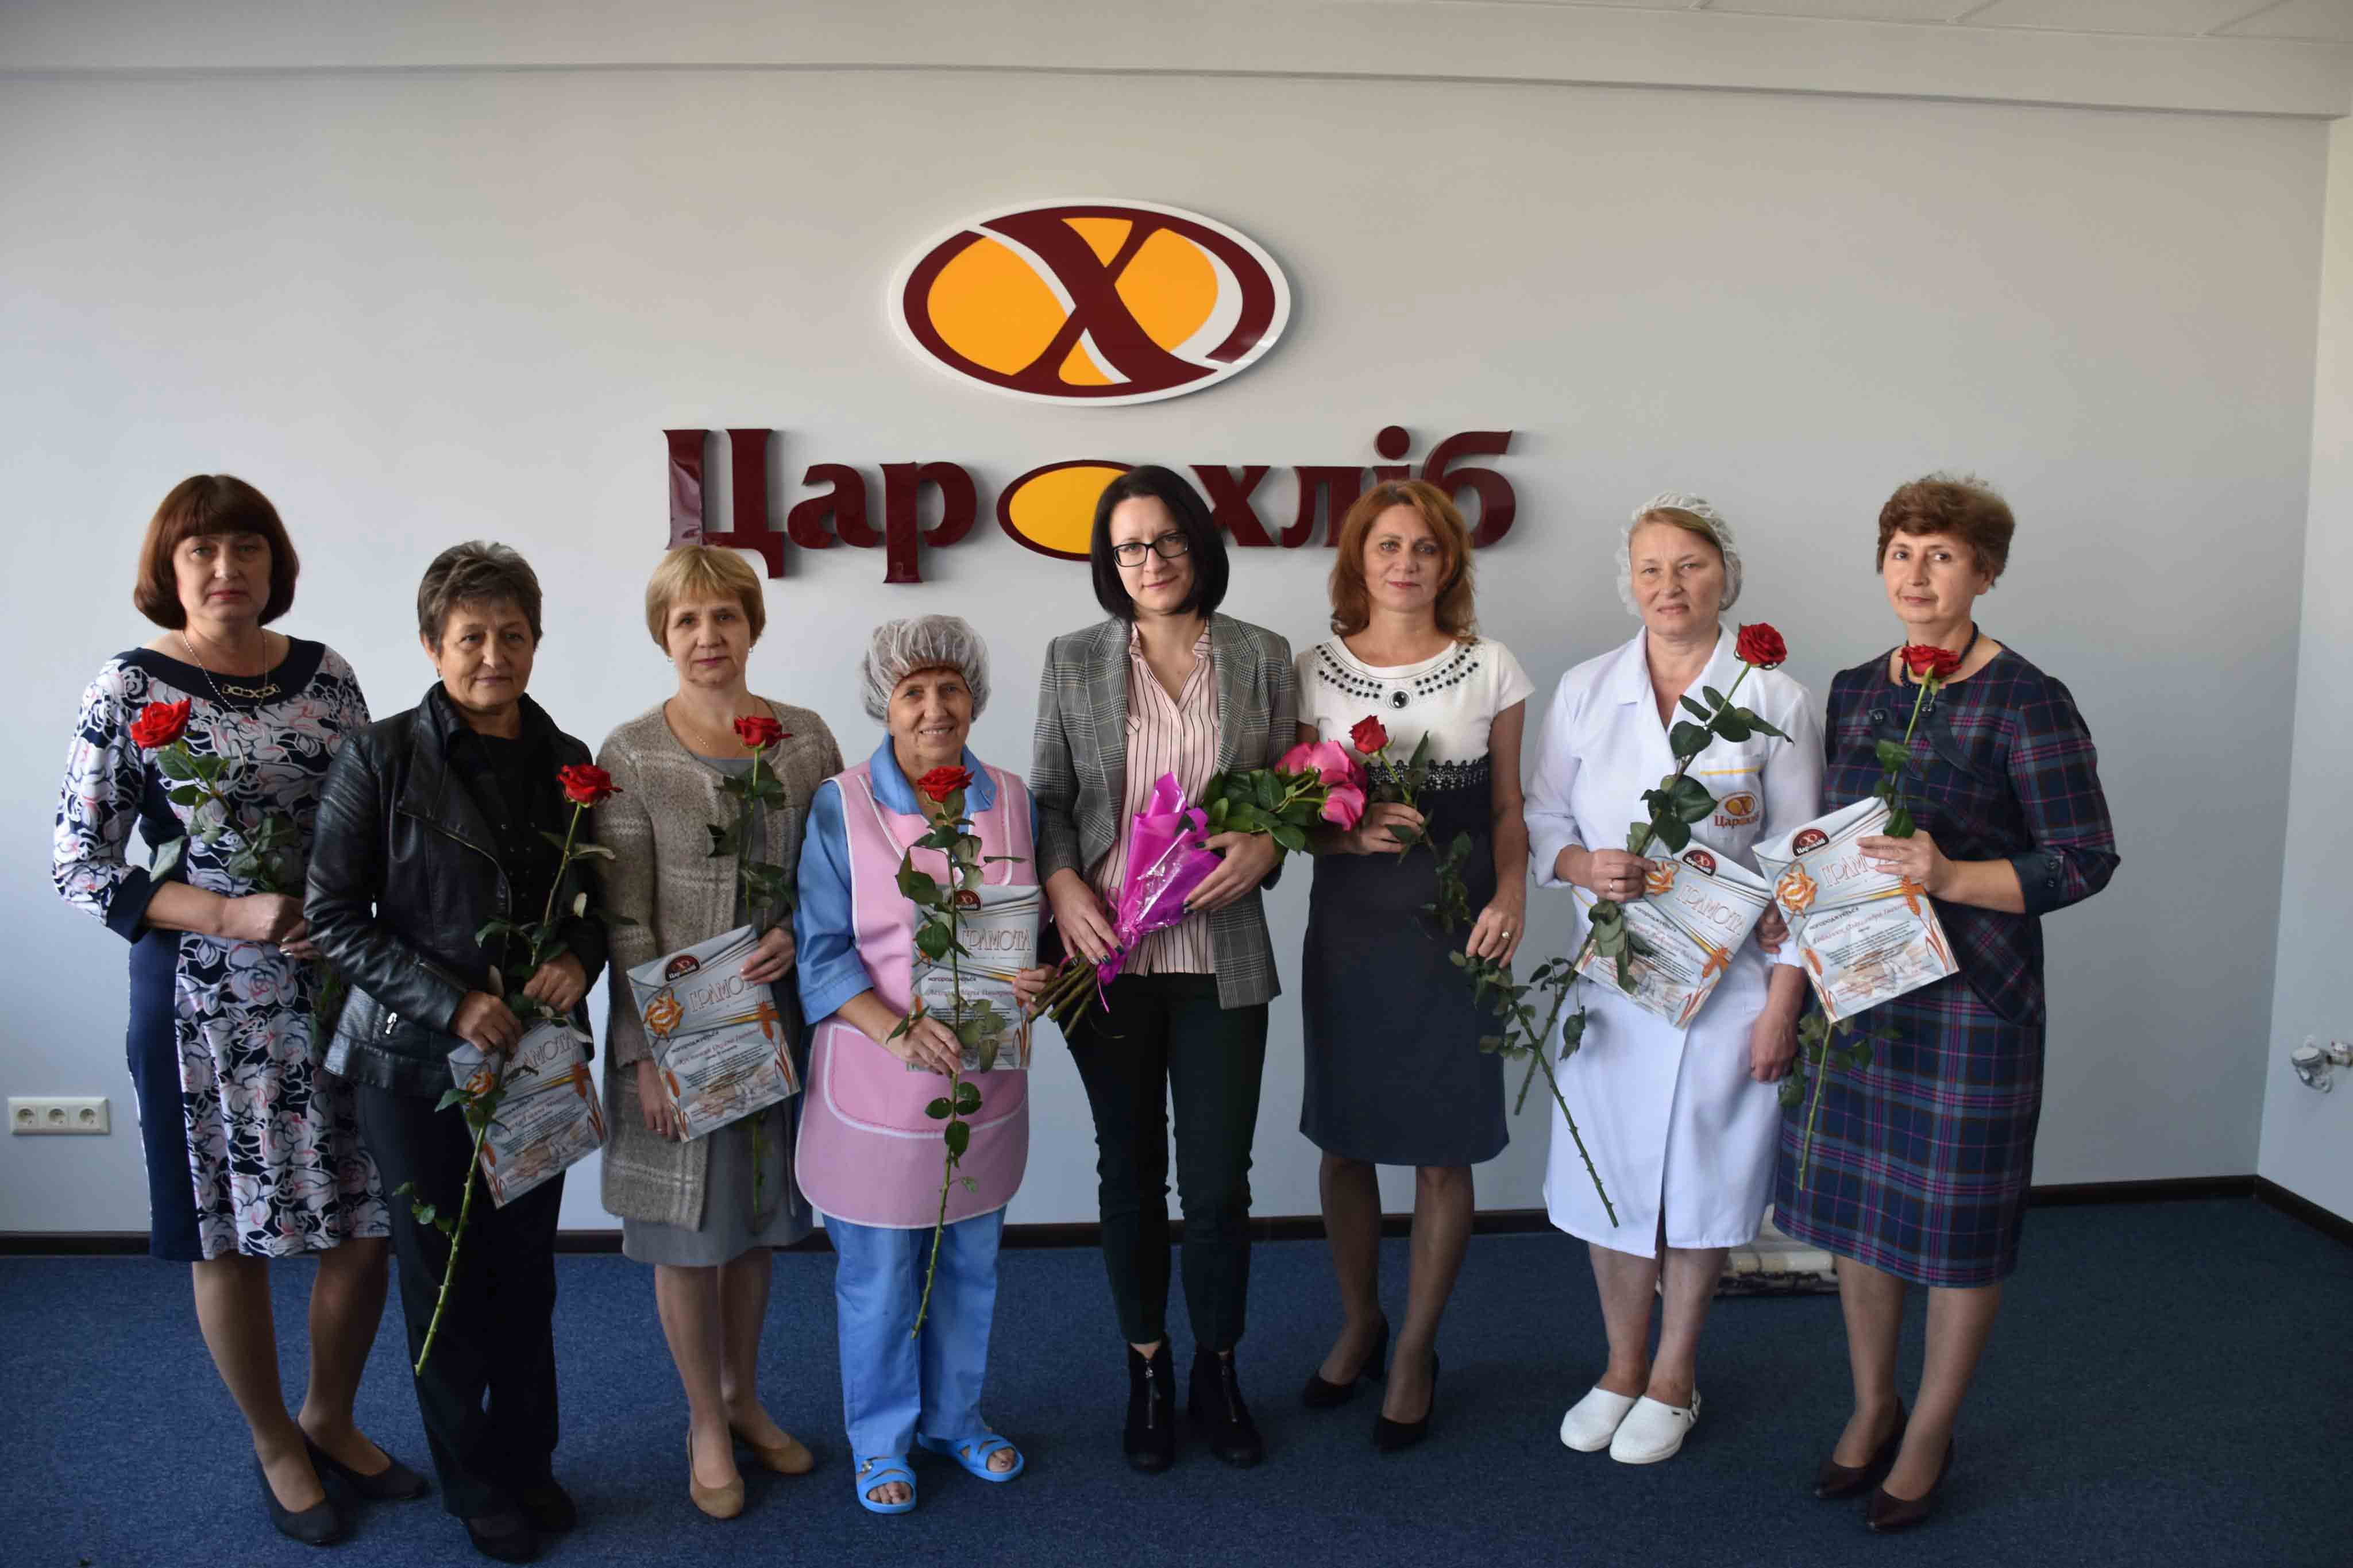 Івано-Франківський хлібокомбінат привітав своїх ветеранів з нагоди професійного свята (ФОТО)